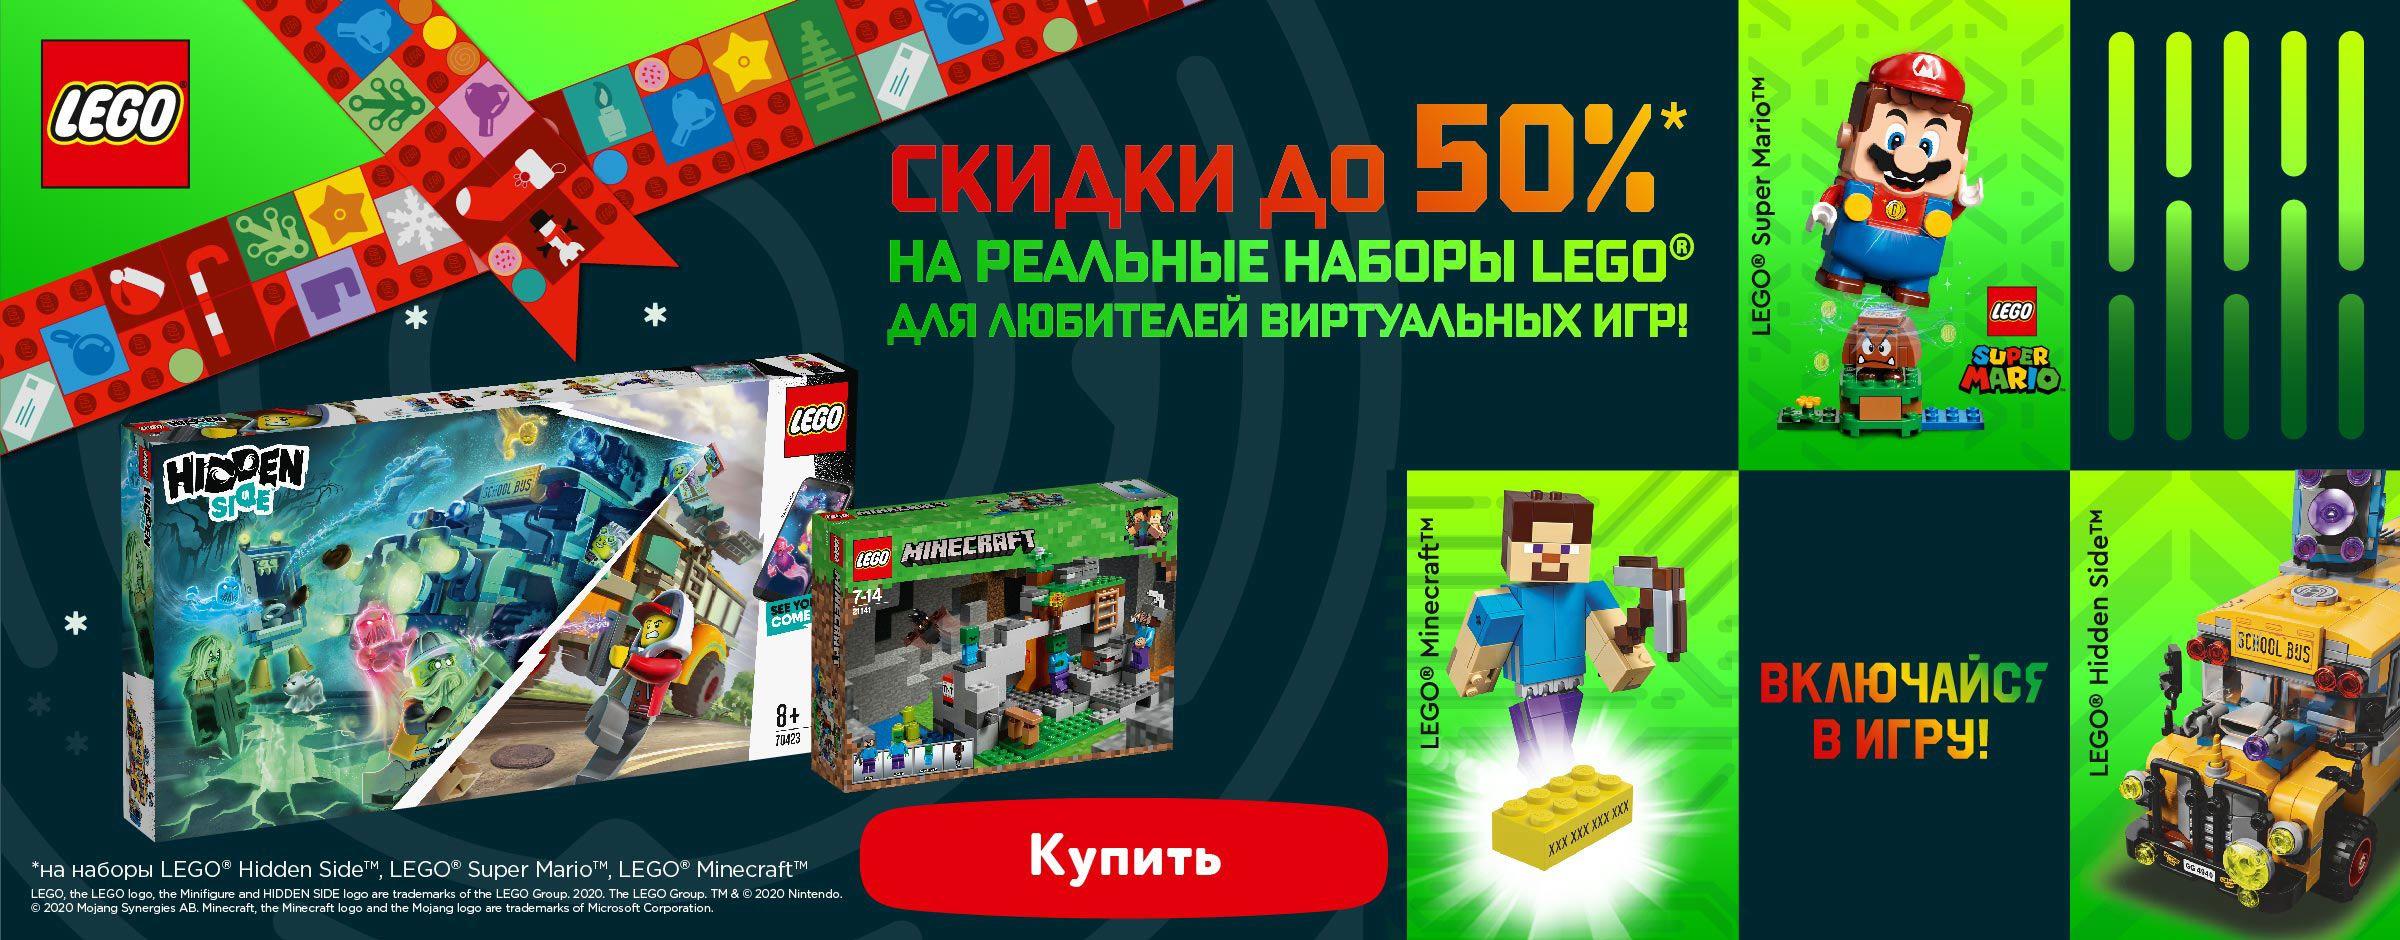 До 50% на наборы LEGO для любителей виртуальных игр